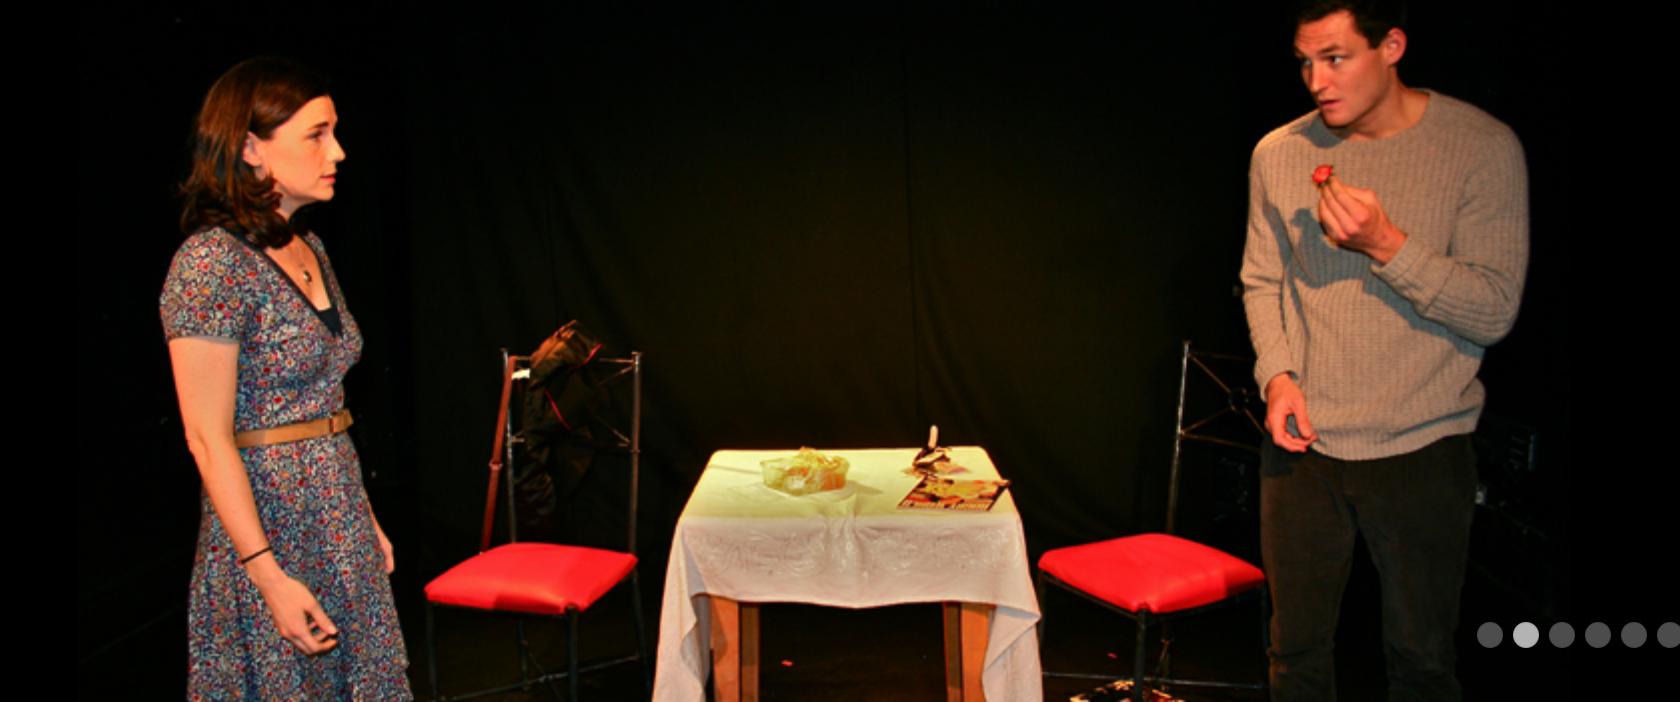 theatre production CAS cake